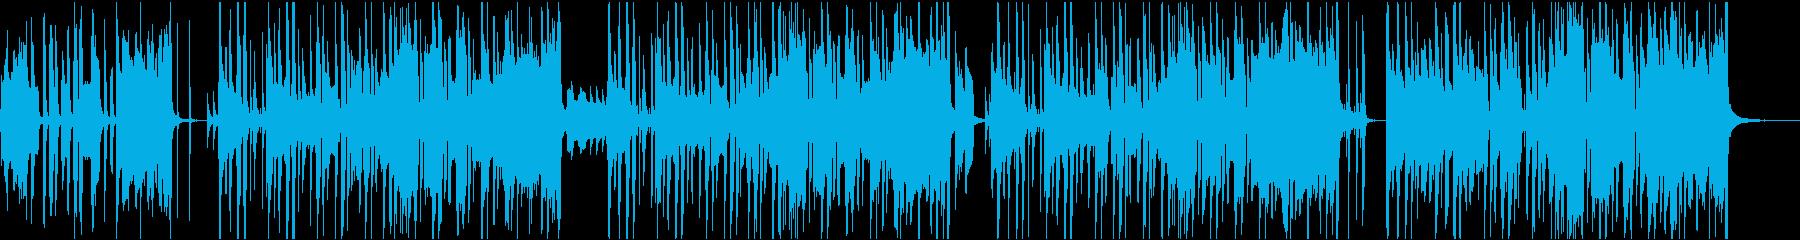 アメリカ民謡・聖者の行進のカラオケの再生済みの波形